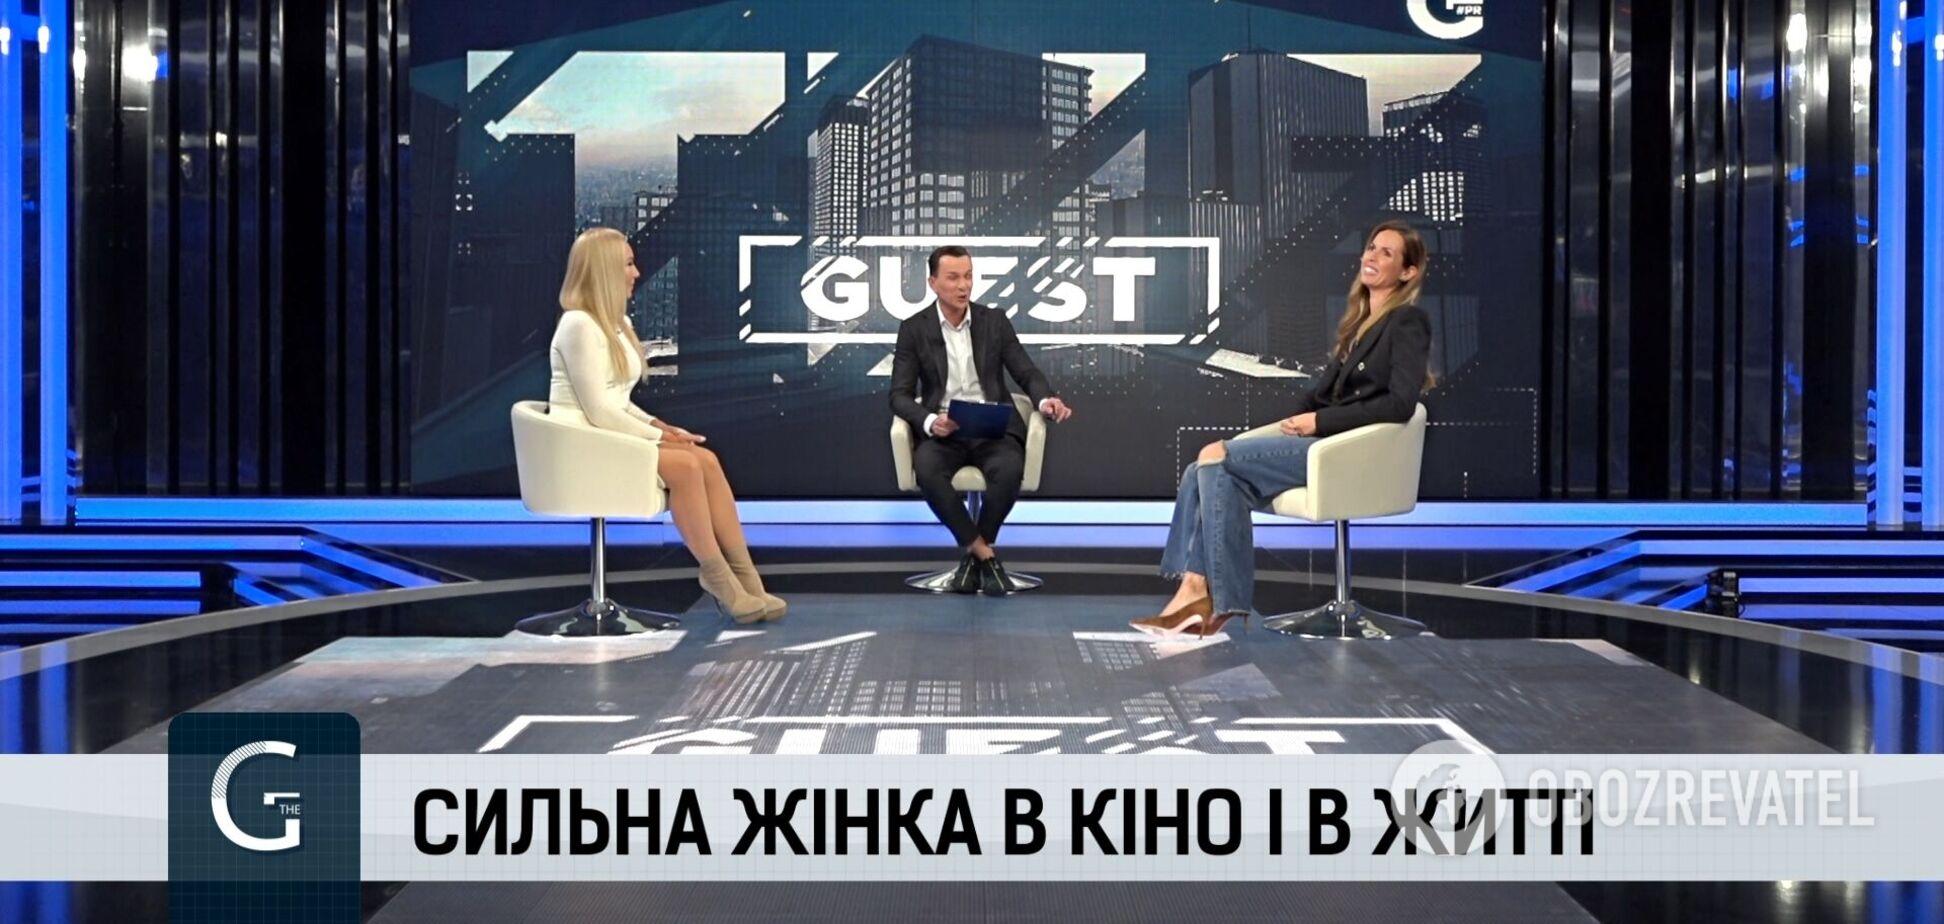 Кожен день варто проживати з користю - девіз успішних українок